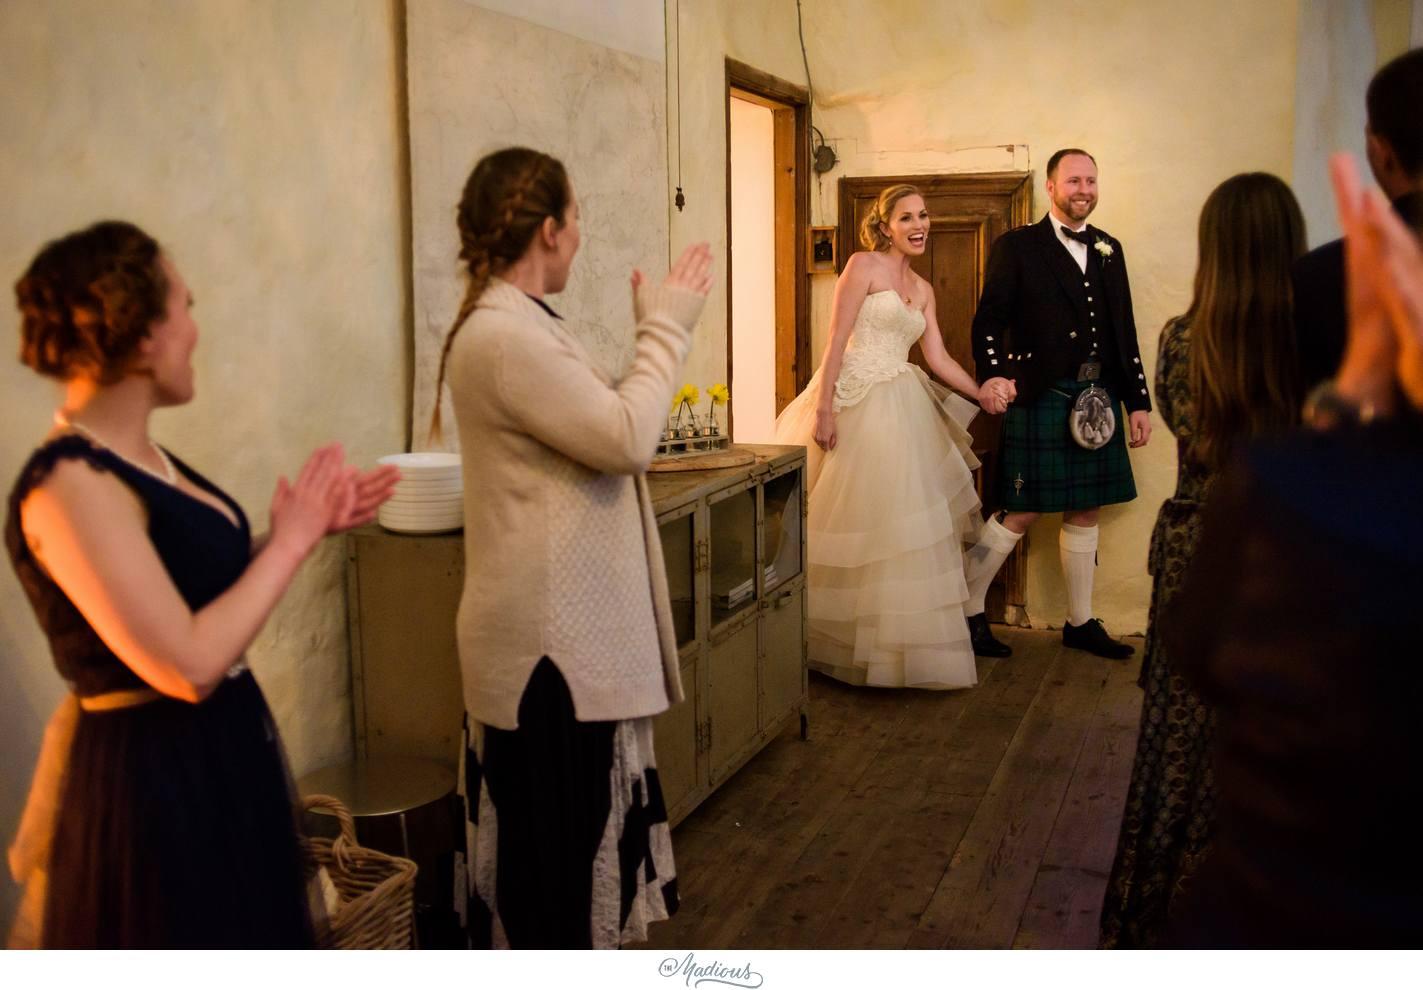 Balbegno_Dunnotar_Castle_Scottland_Wedding_61.jpg